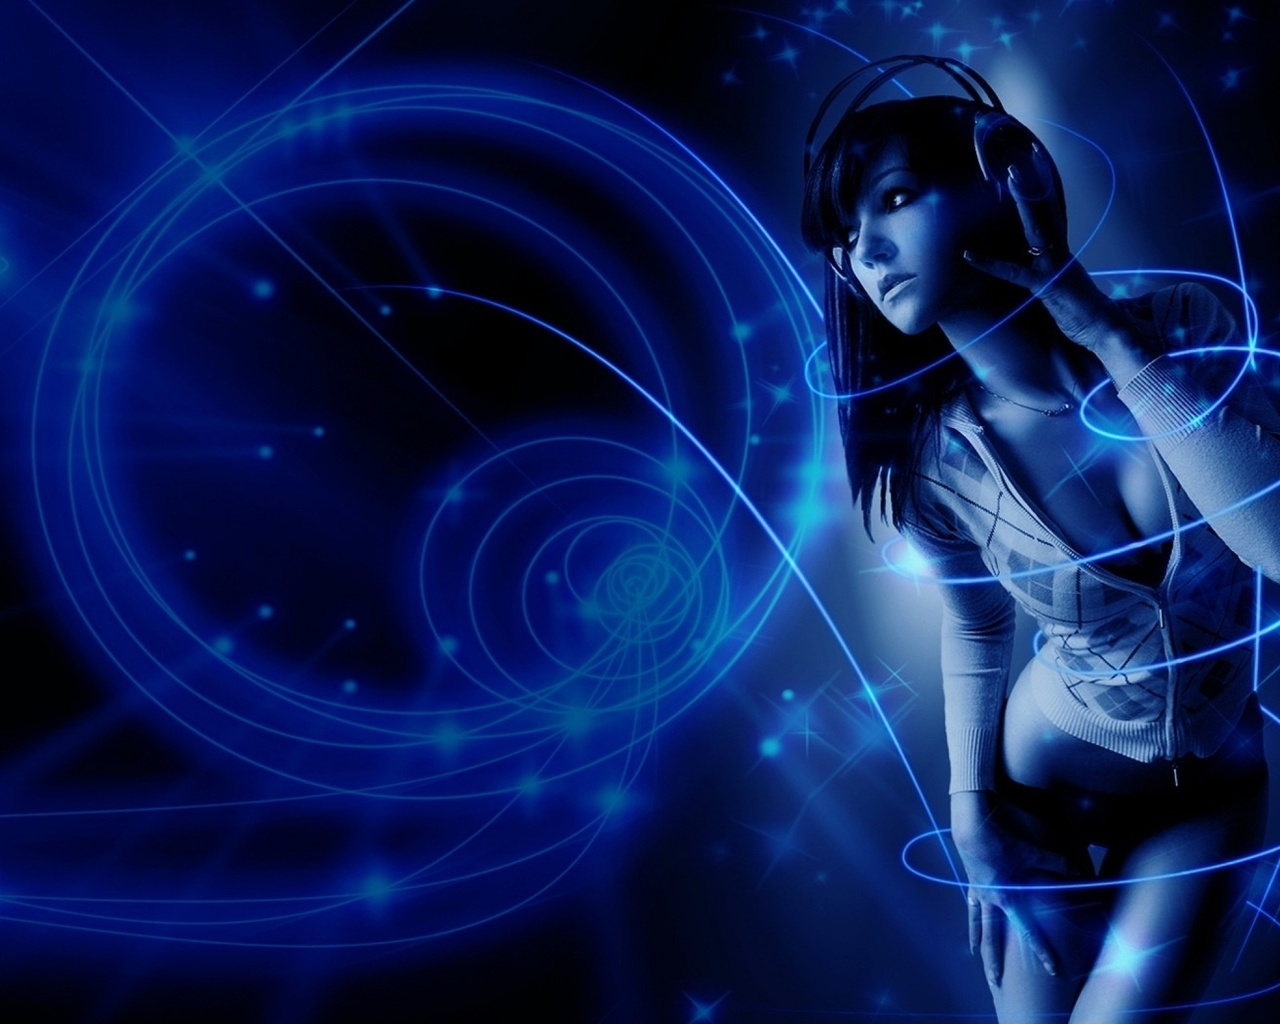 девушка, брюнетка, музыка, синий фон